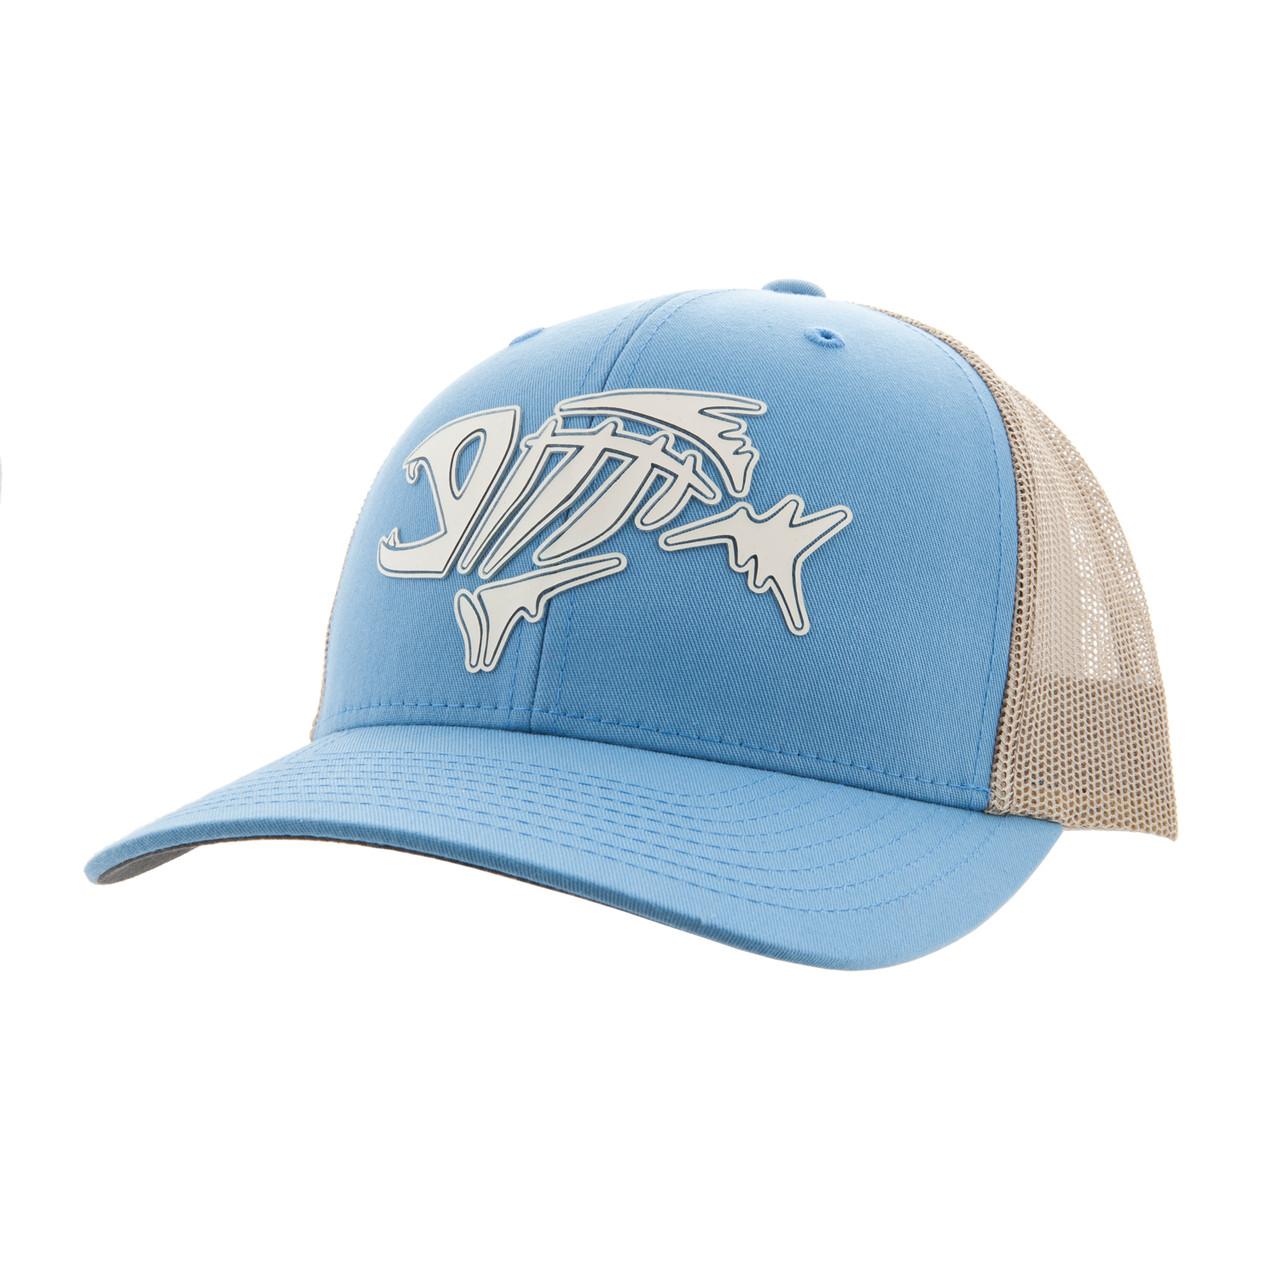 G Loomis Patch Trucker Hat Blue